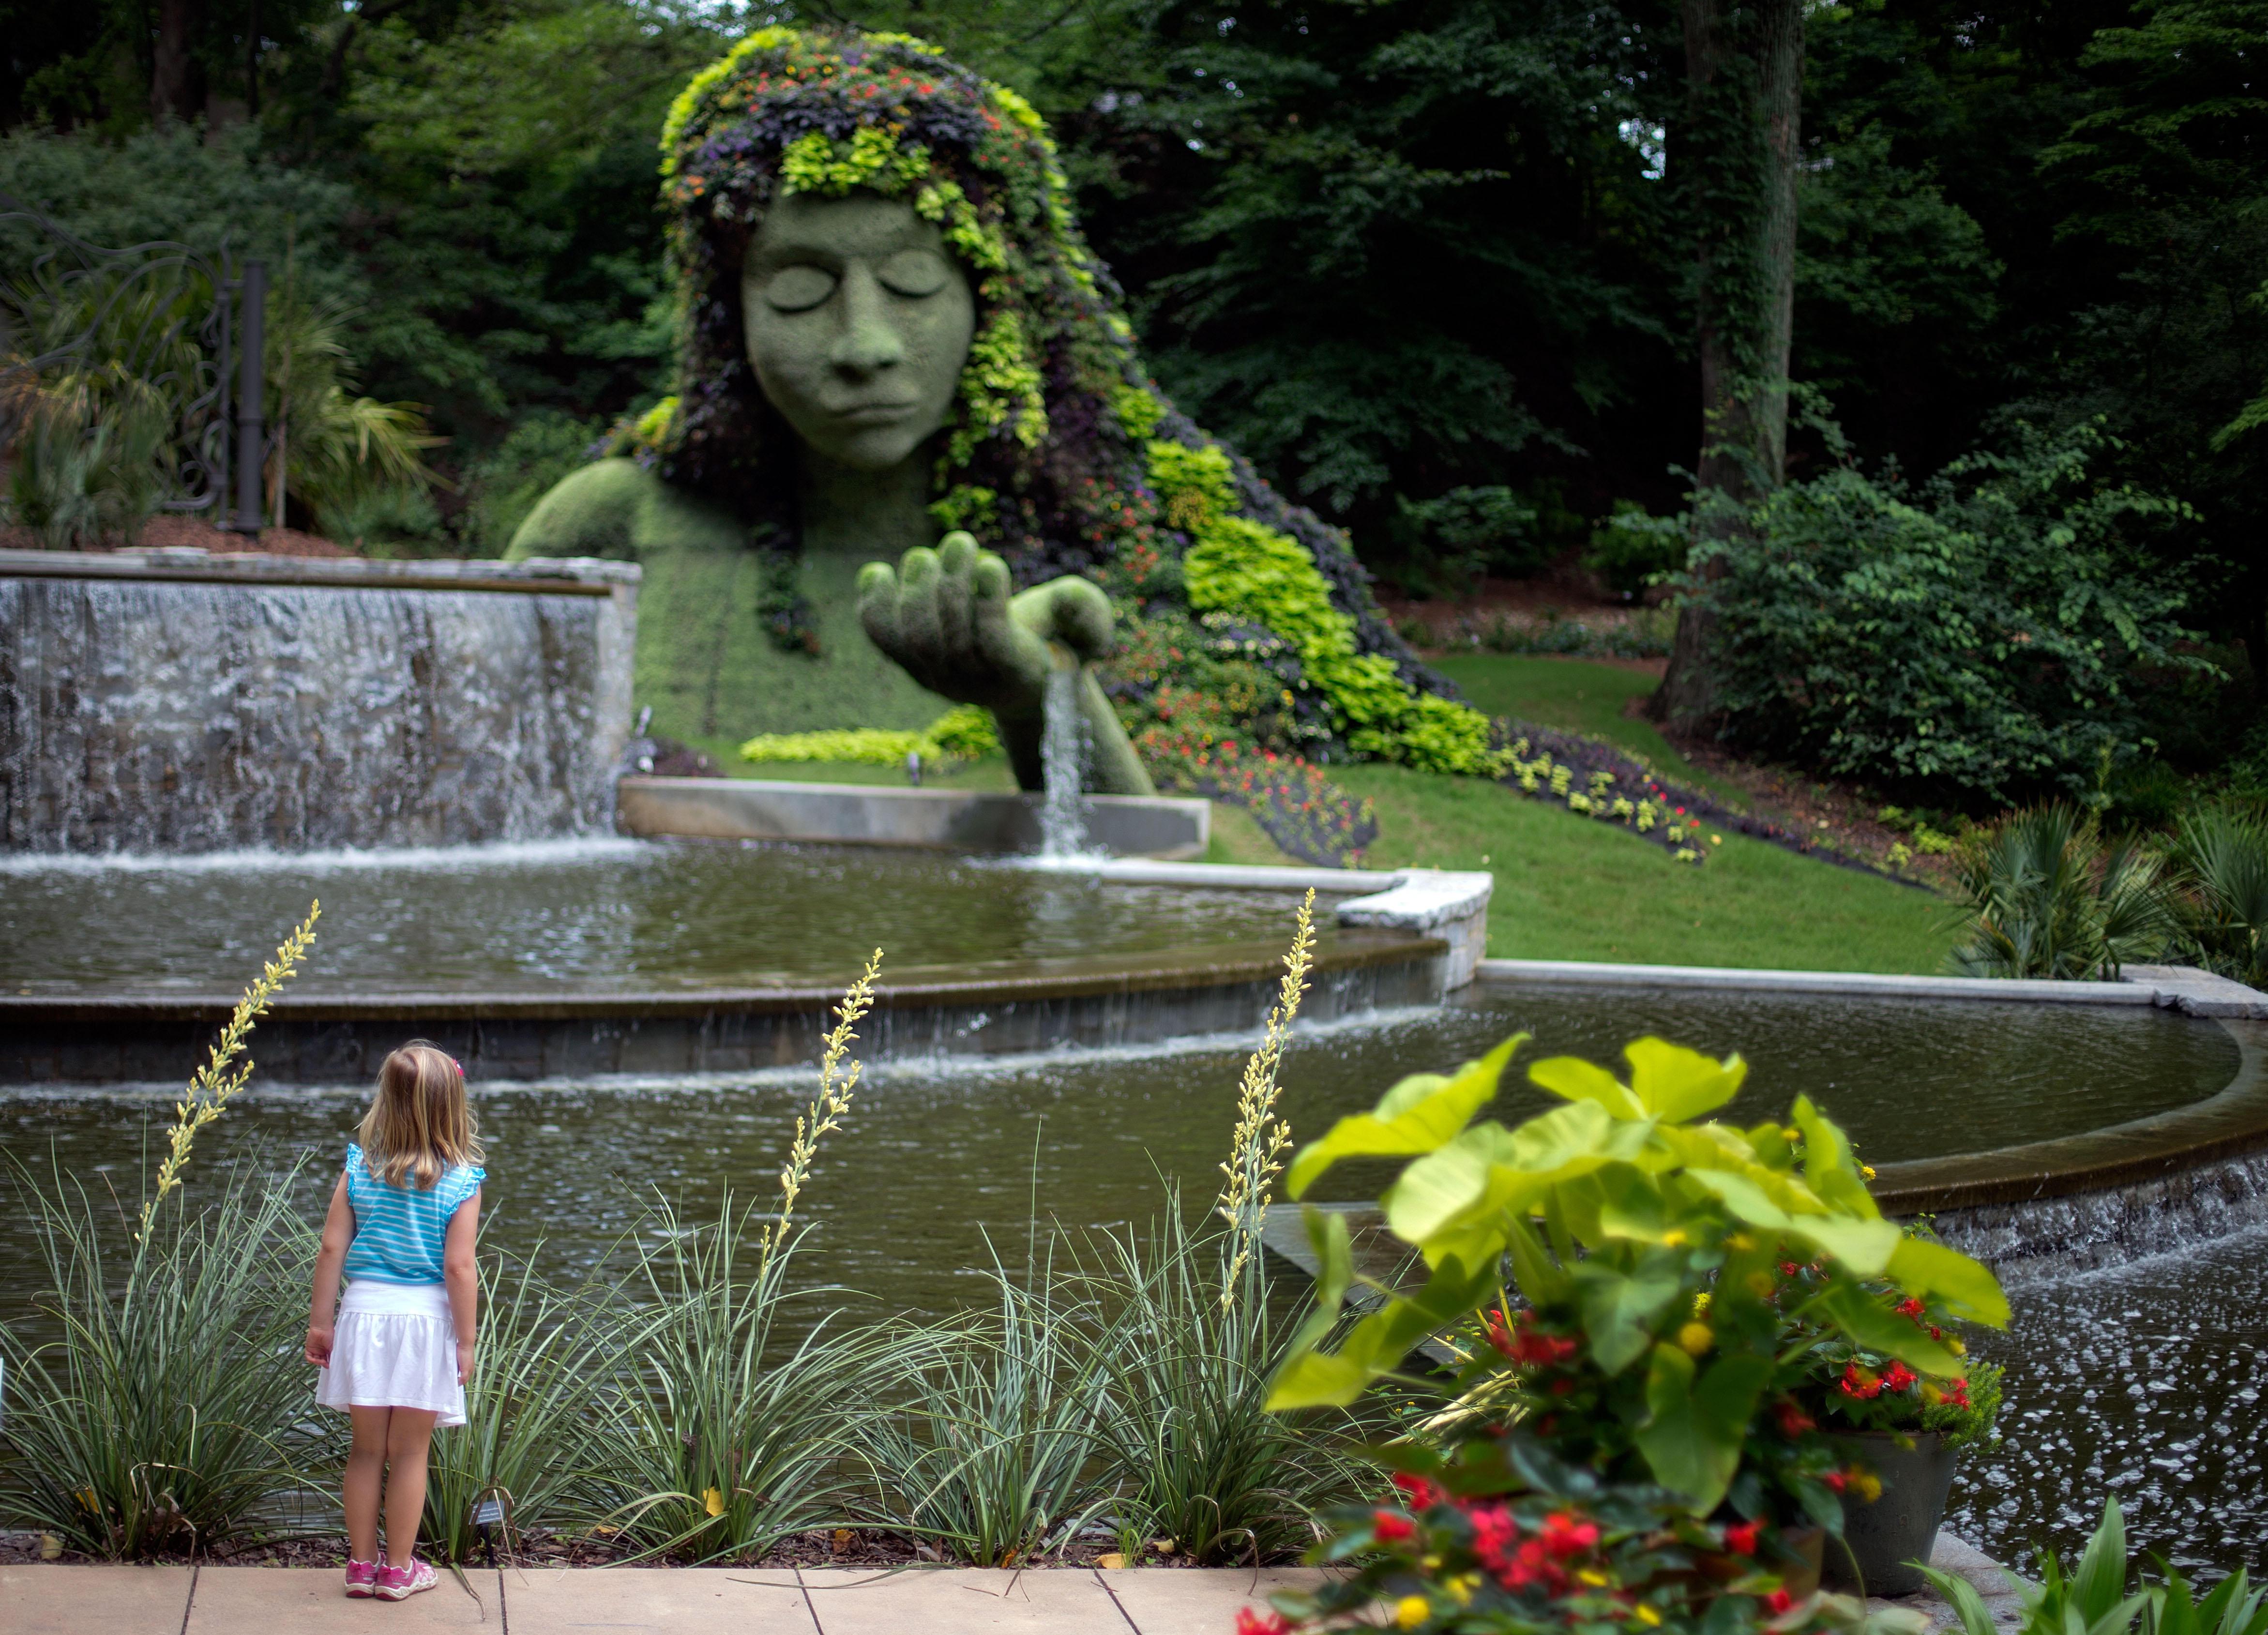 Atlanta botanical garden 39 s gun ban upheld by judge cbs news - Atlanta botanical garden membership ...